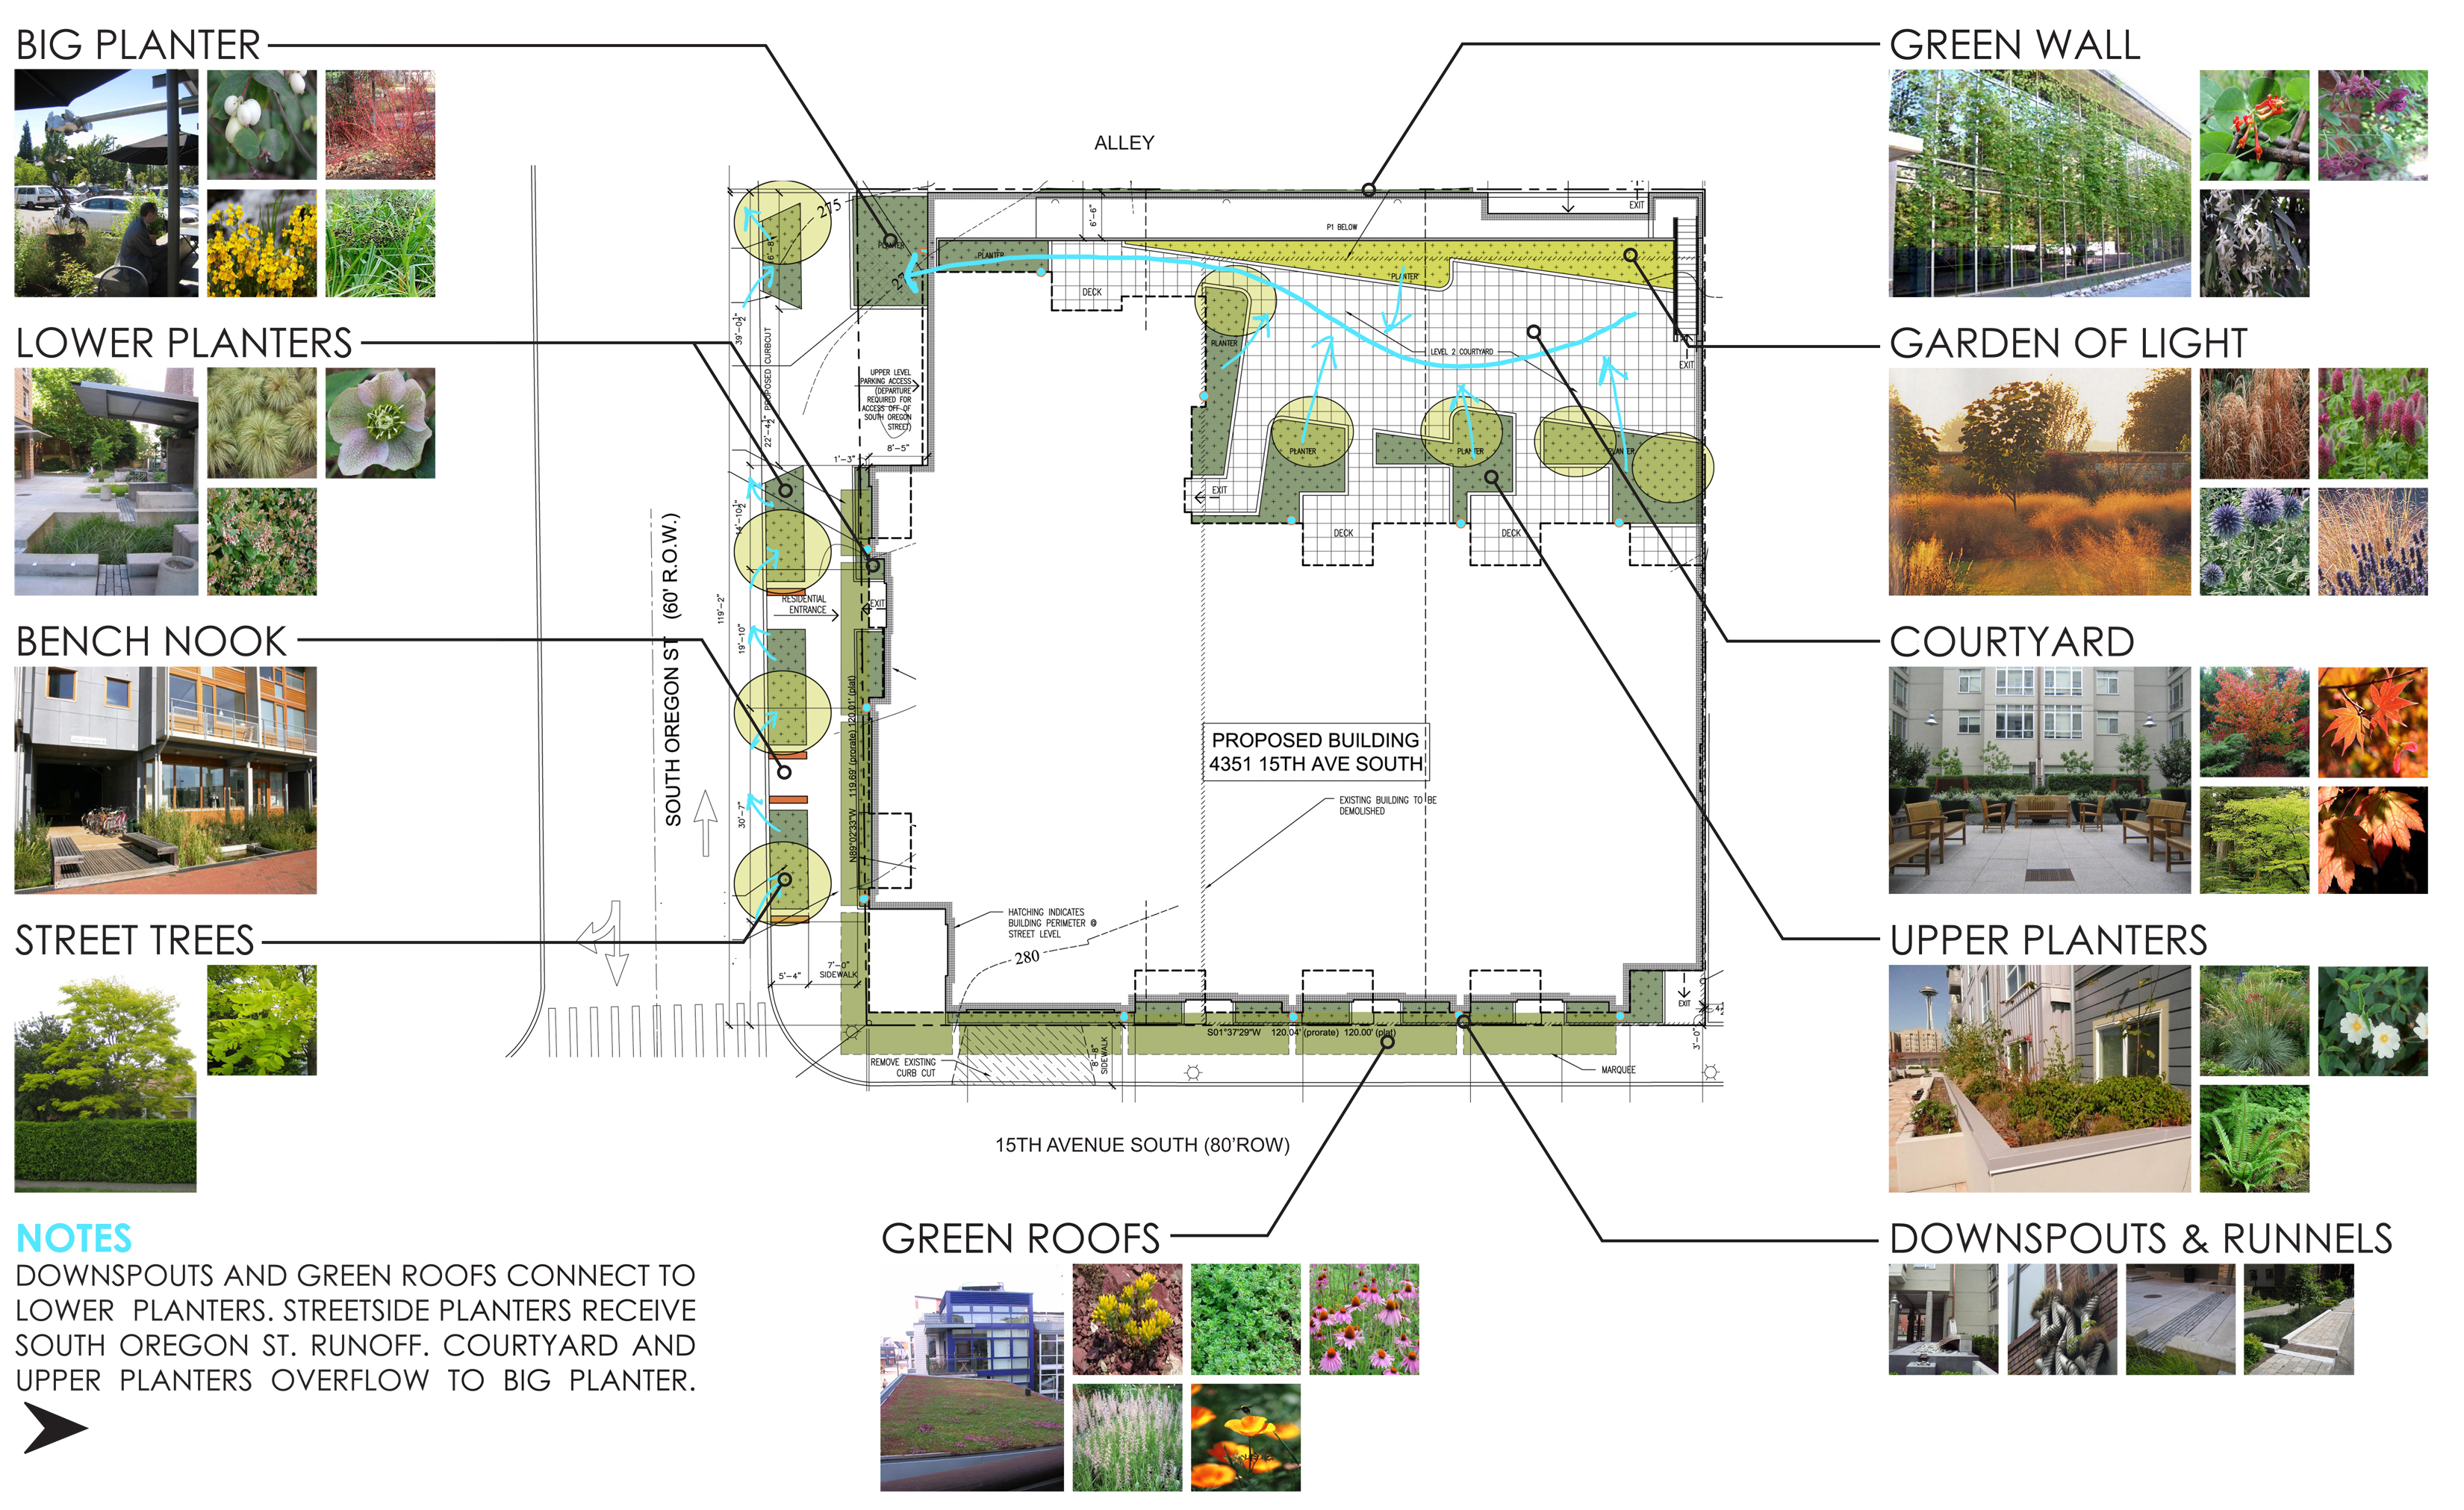 Asla 2010 professional awards seattle green factor for Landscape design website